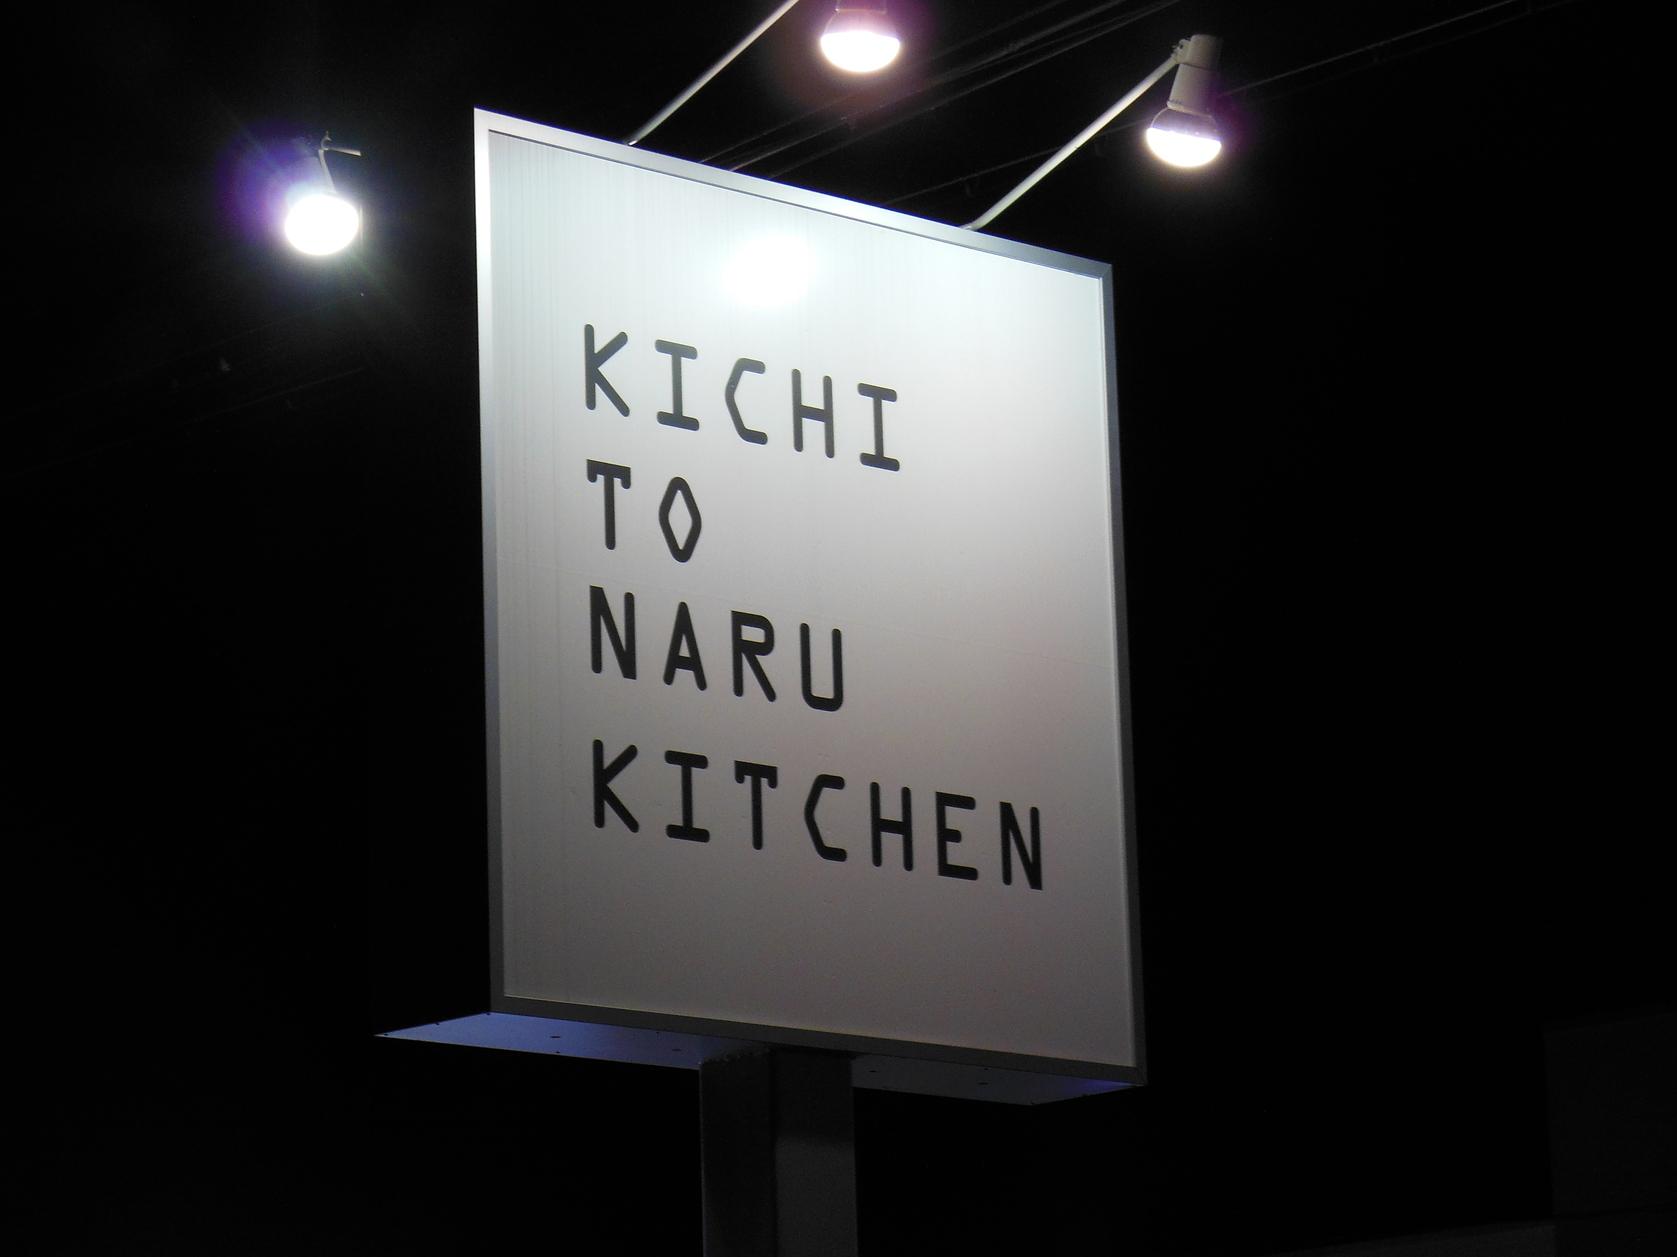 KICHITONARU KITCHEN 富士高嶺店